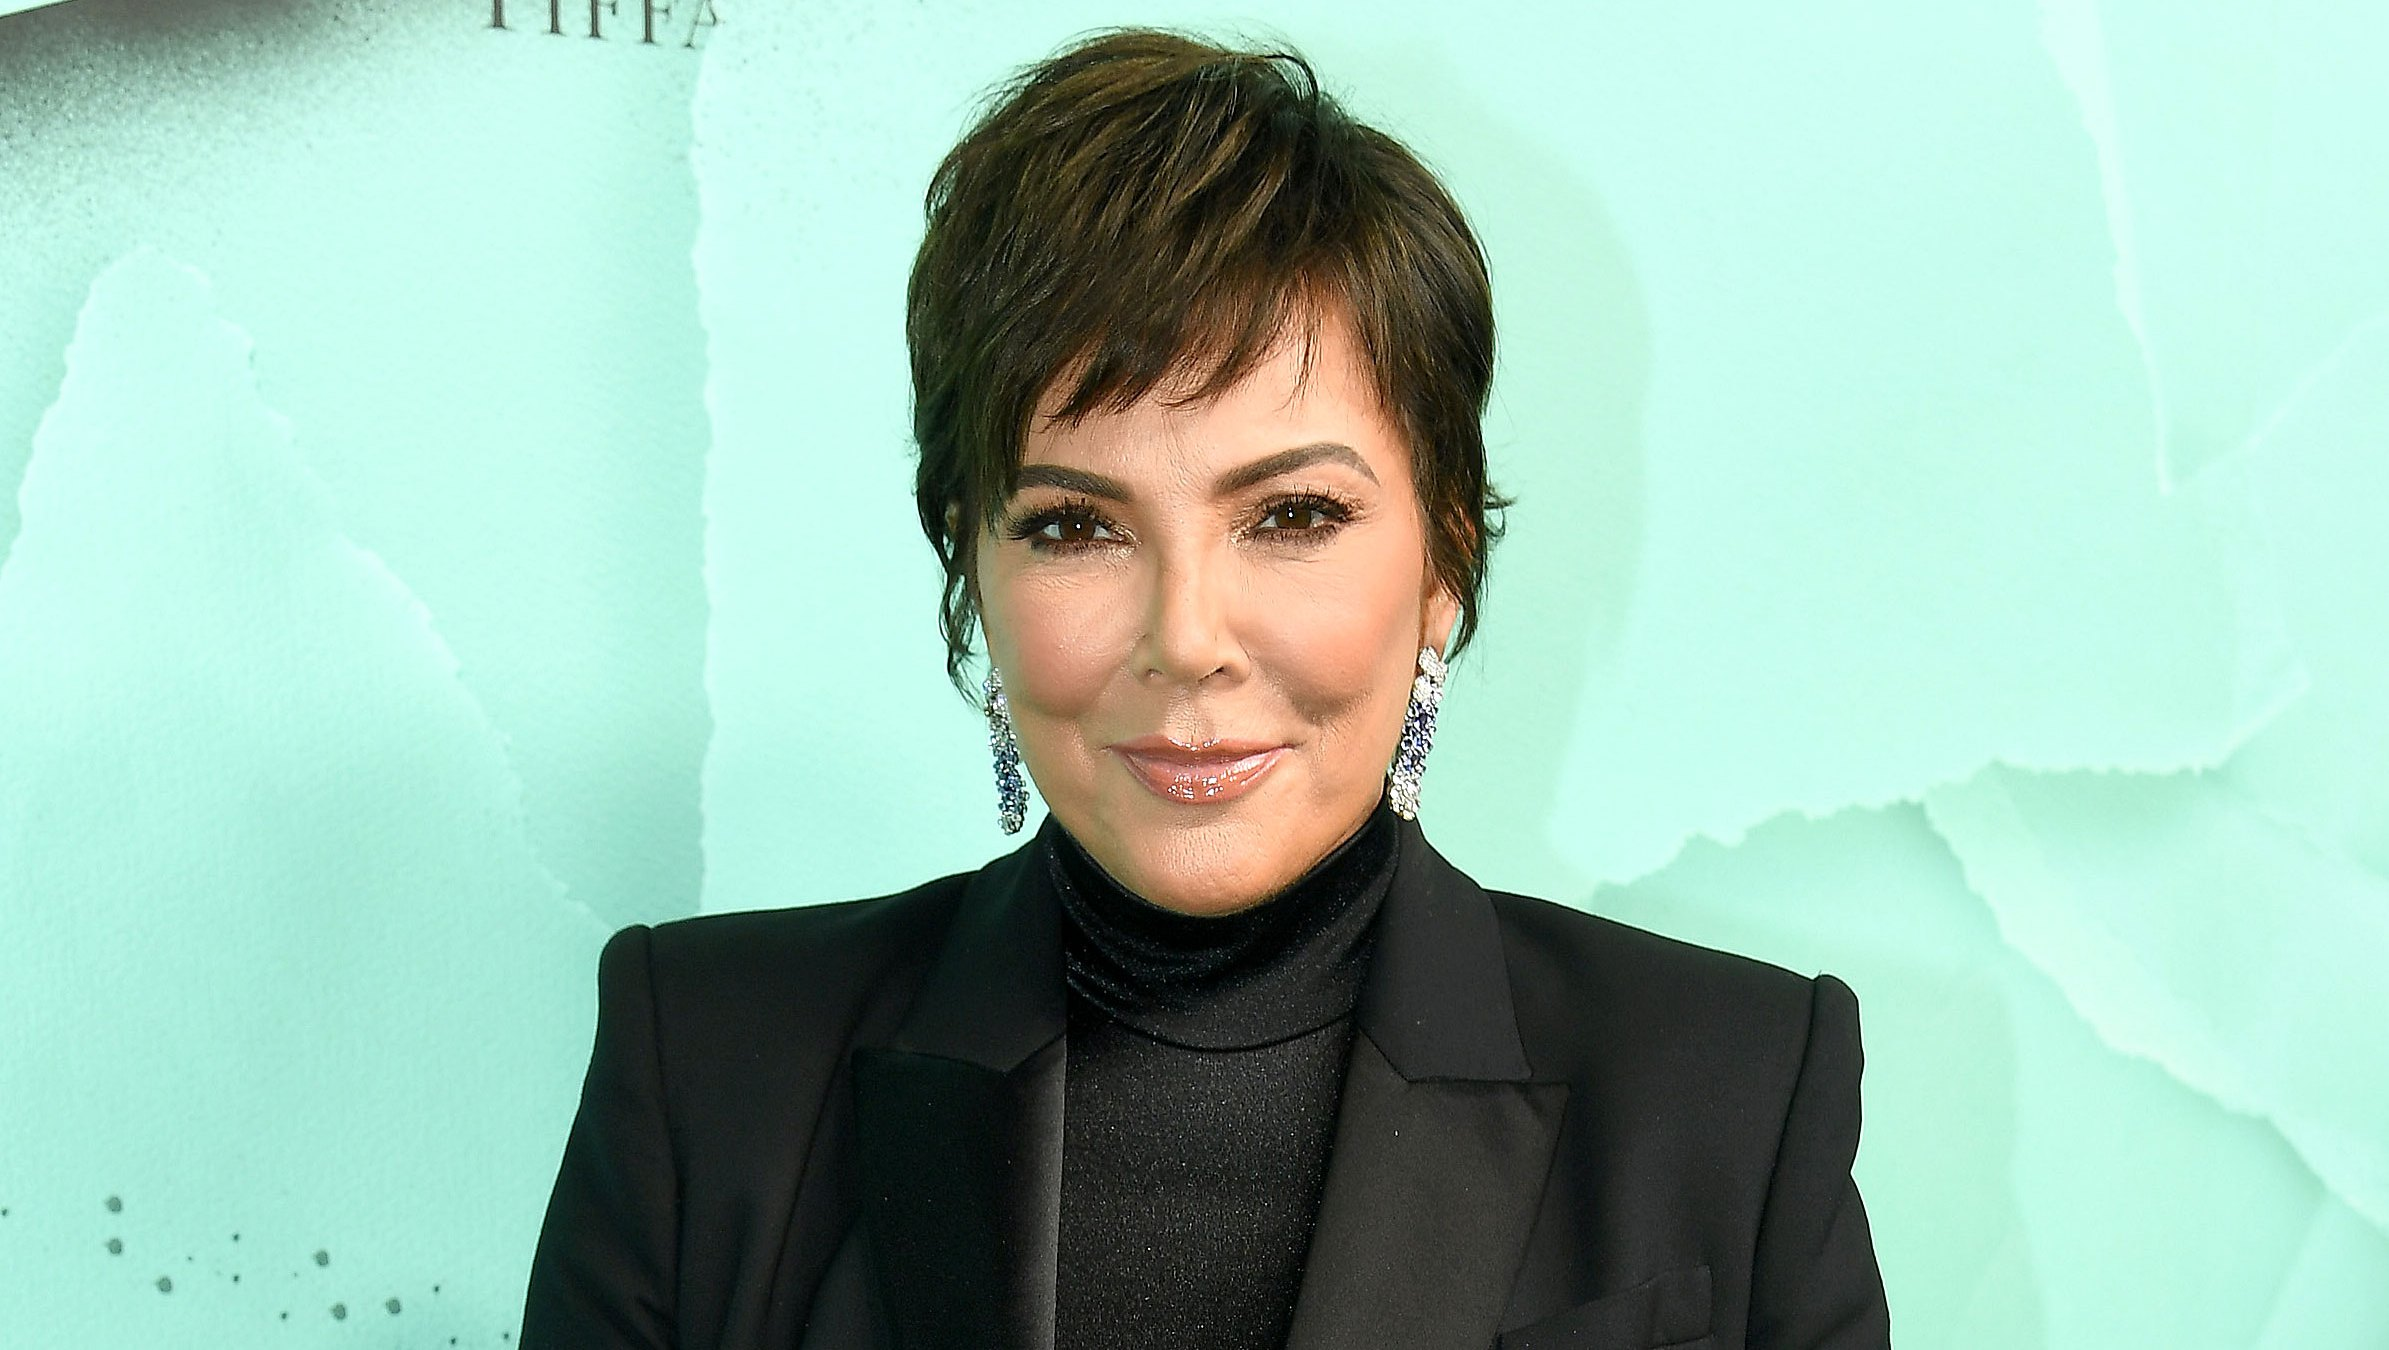 Kris Jenner Facelift